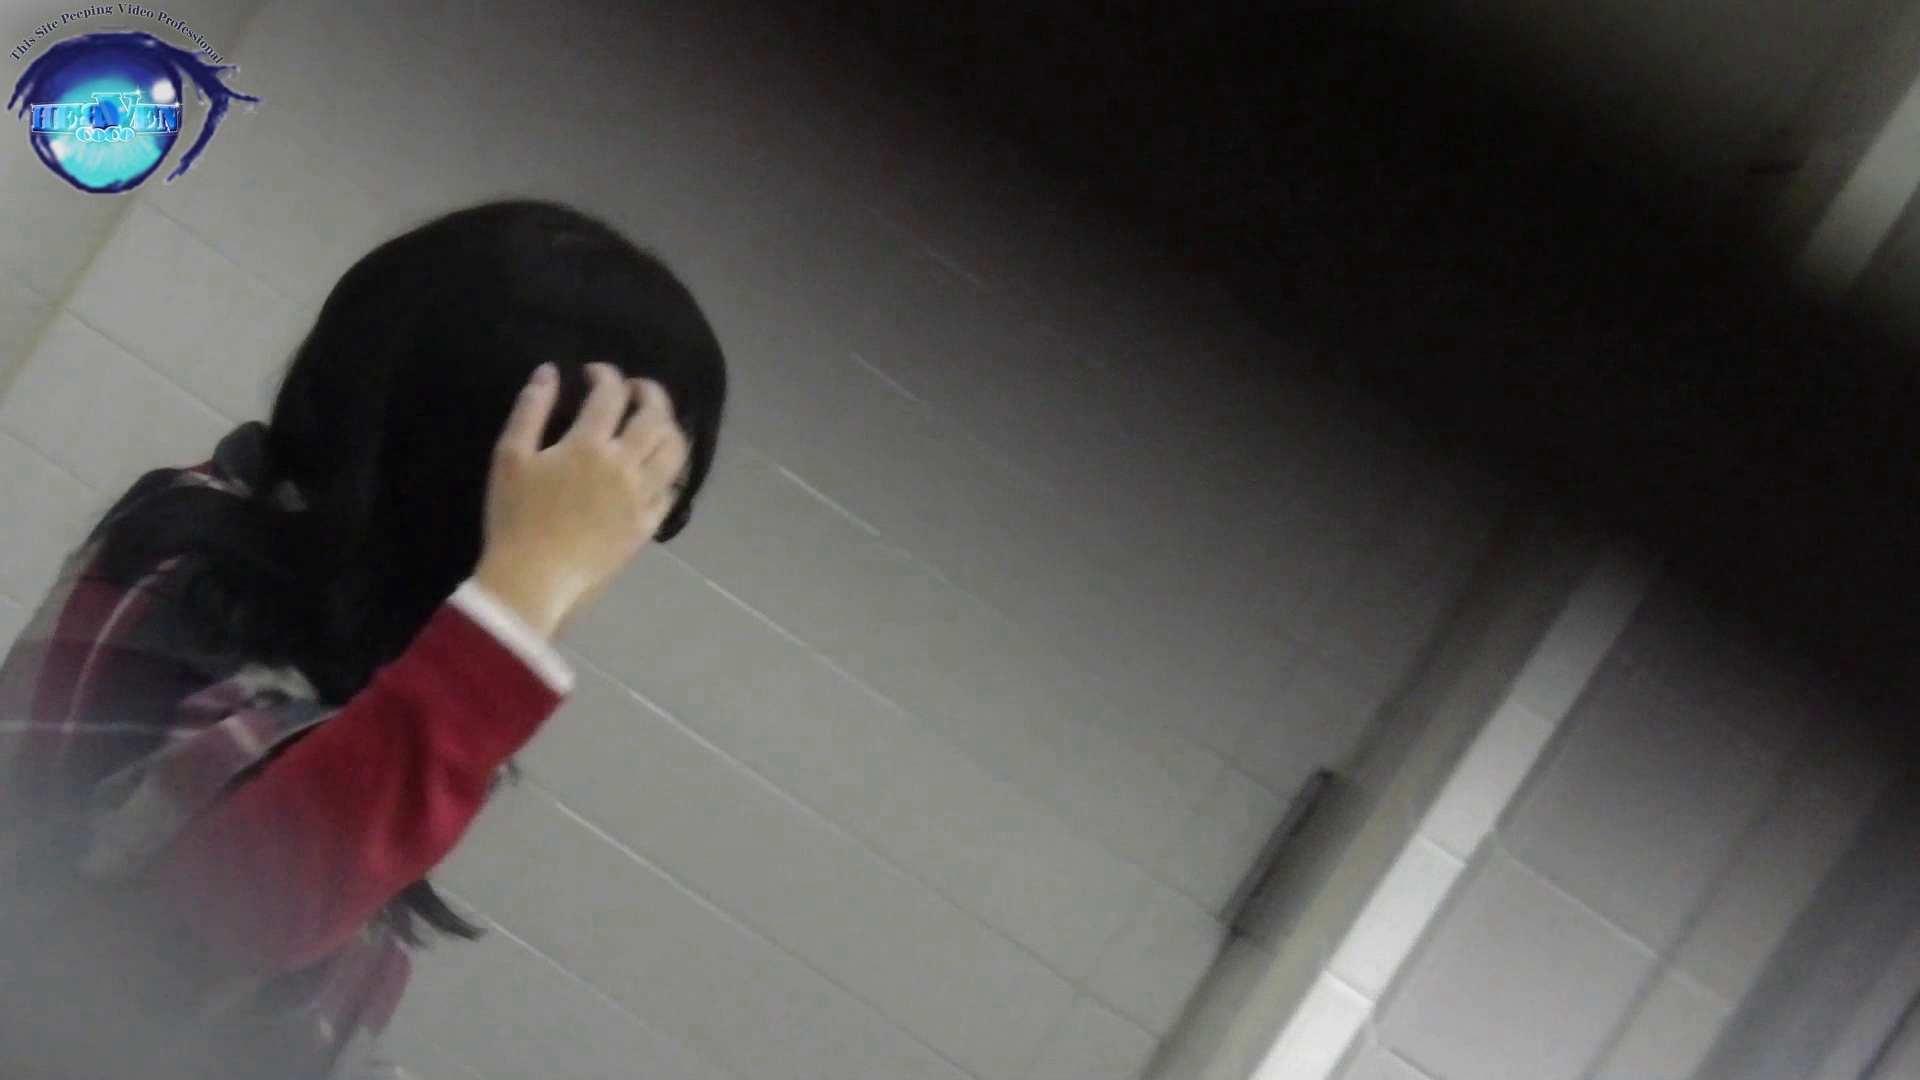 お銀さん vol.59 ピンチ!!「鏡の前で祈る女性」にばれる危機 後編 0  77連発 26